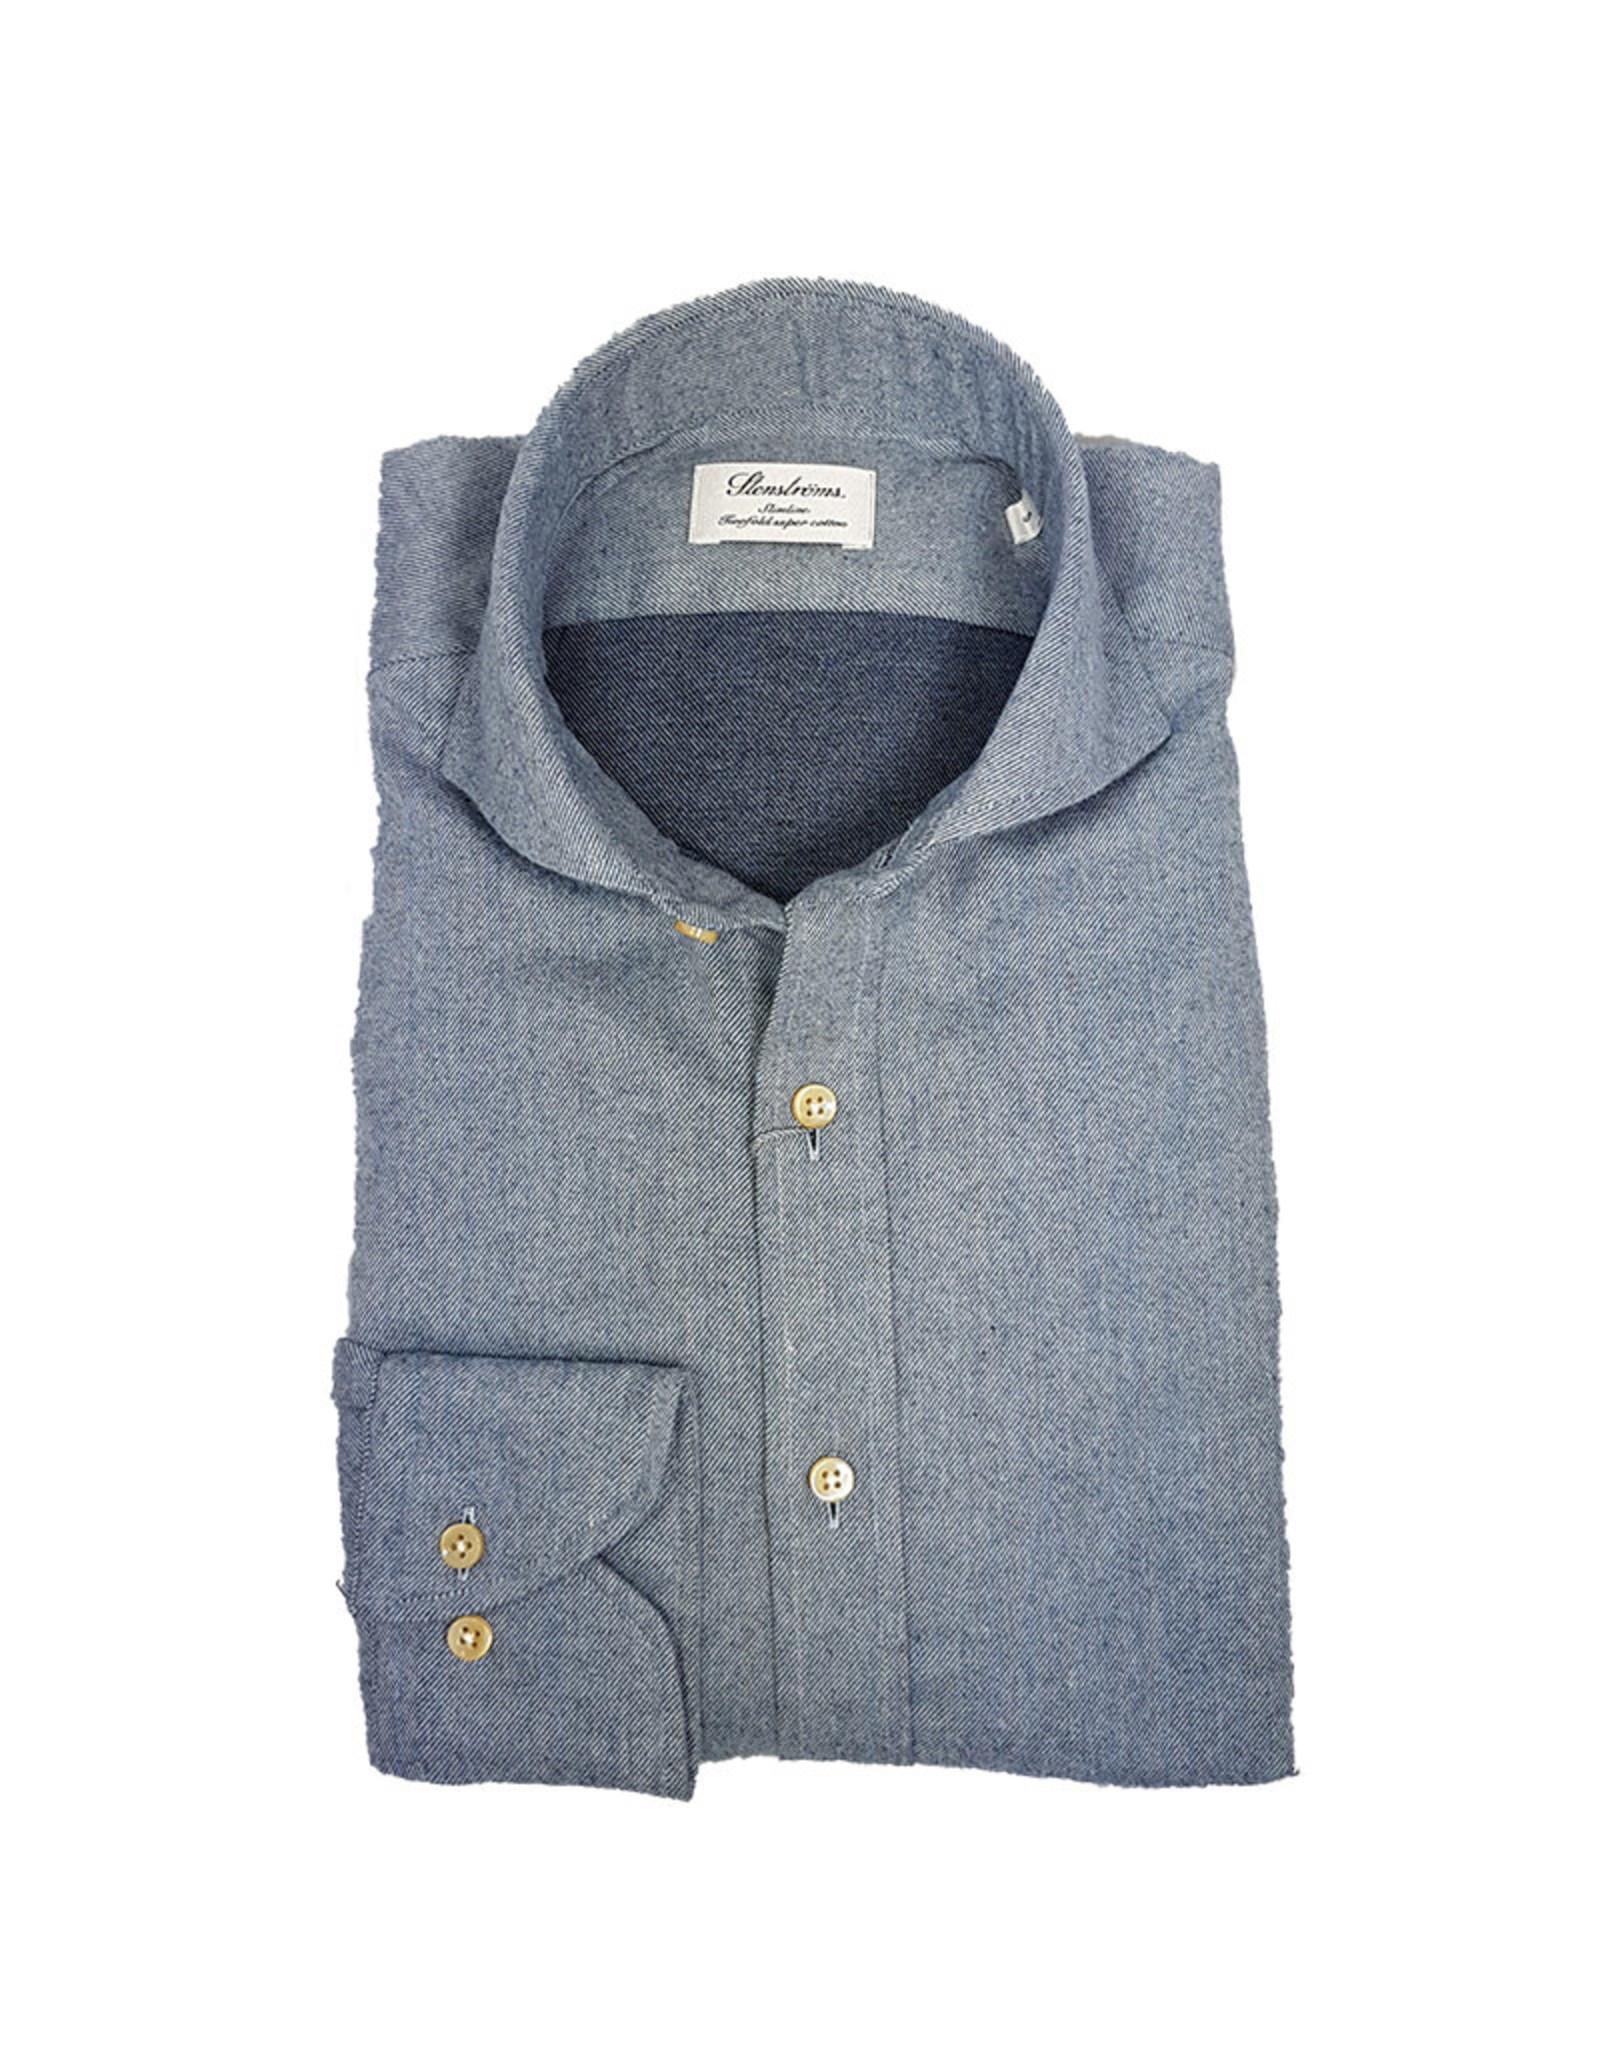 Stenströms Stenströms hemd lichtblauw slimline 712371-7635/100